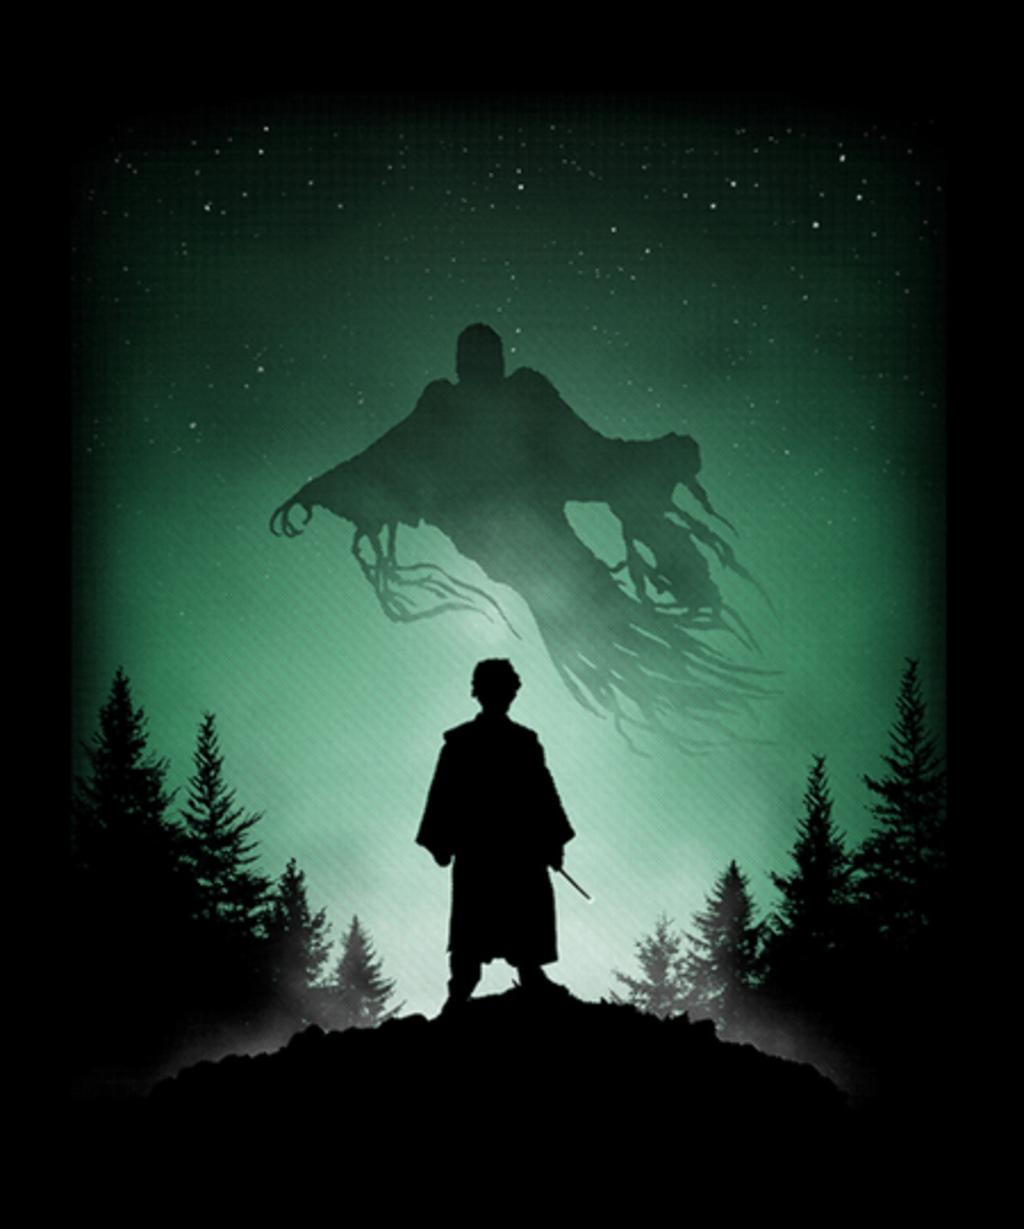 Qwertee: Dark creature